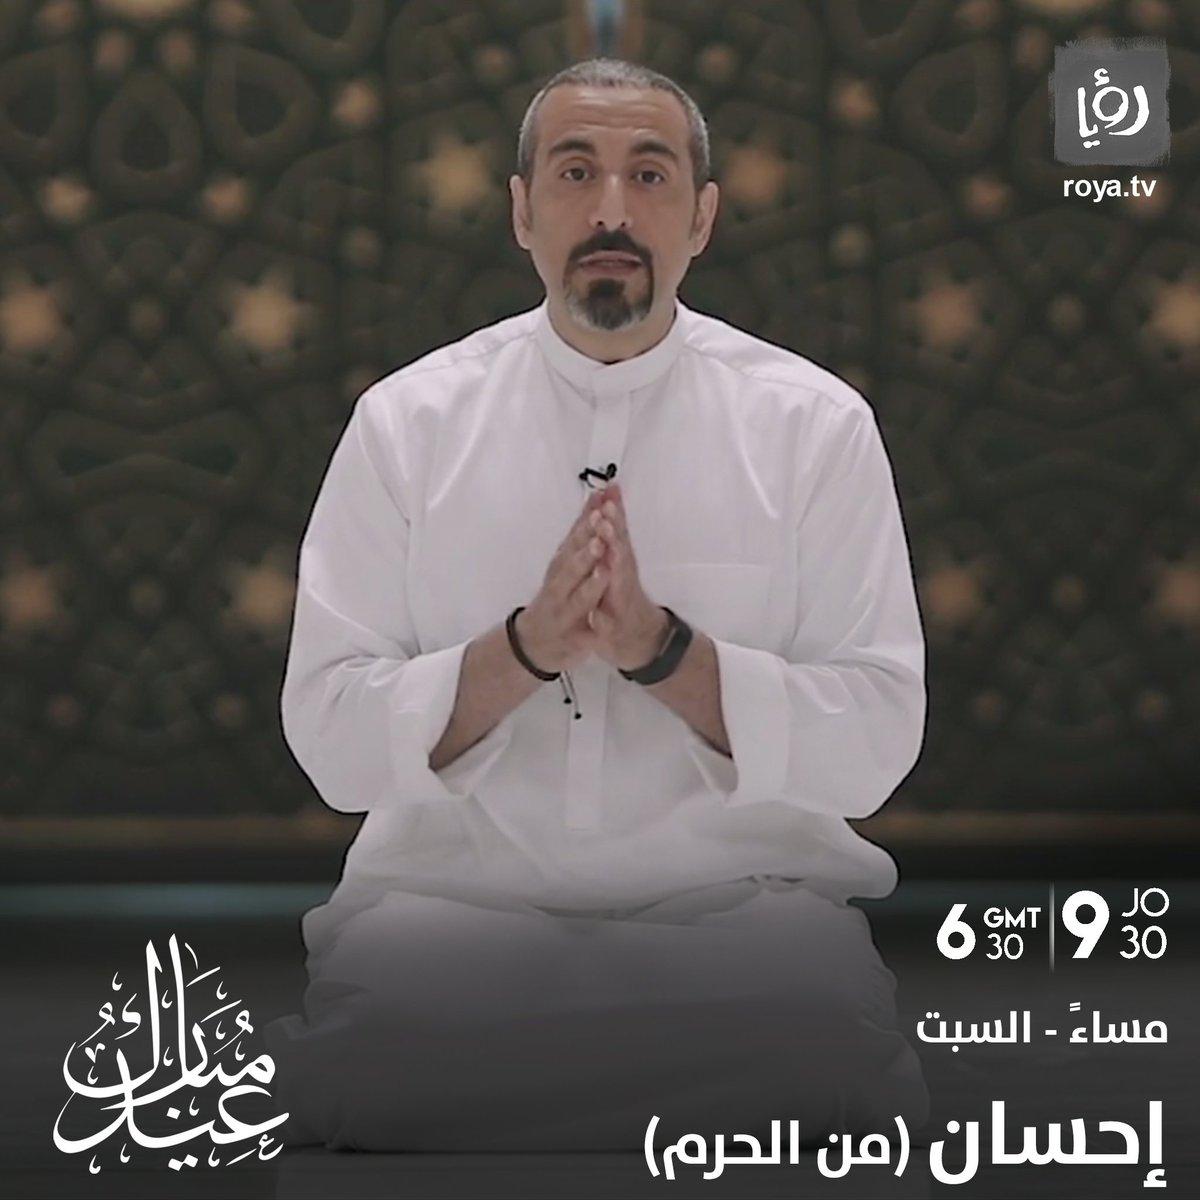 فيلم يحكي قصة جهد عظيم يبذل في خدمة زوار المسجد الحرام غداً 9:30 مساءً على شاشتنا    #إحسان_من_الحرم